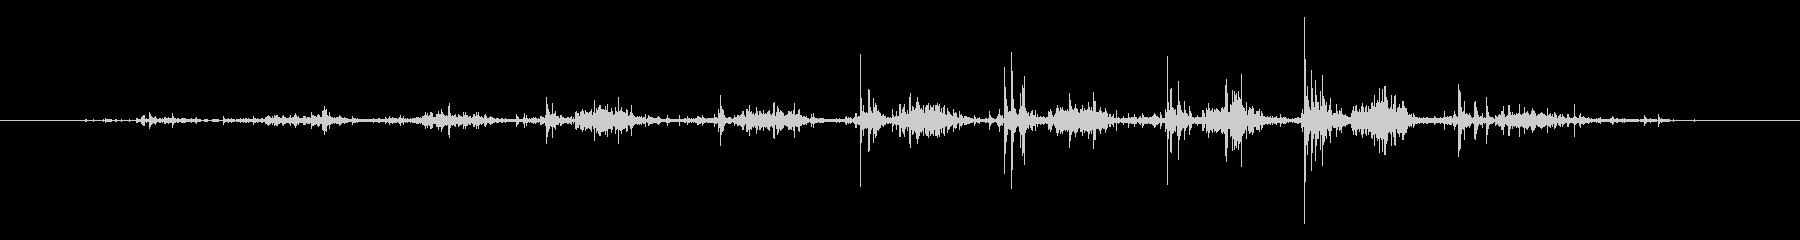 タブレッド菓子出す音・振る音6の未再生の波形